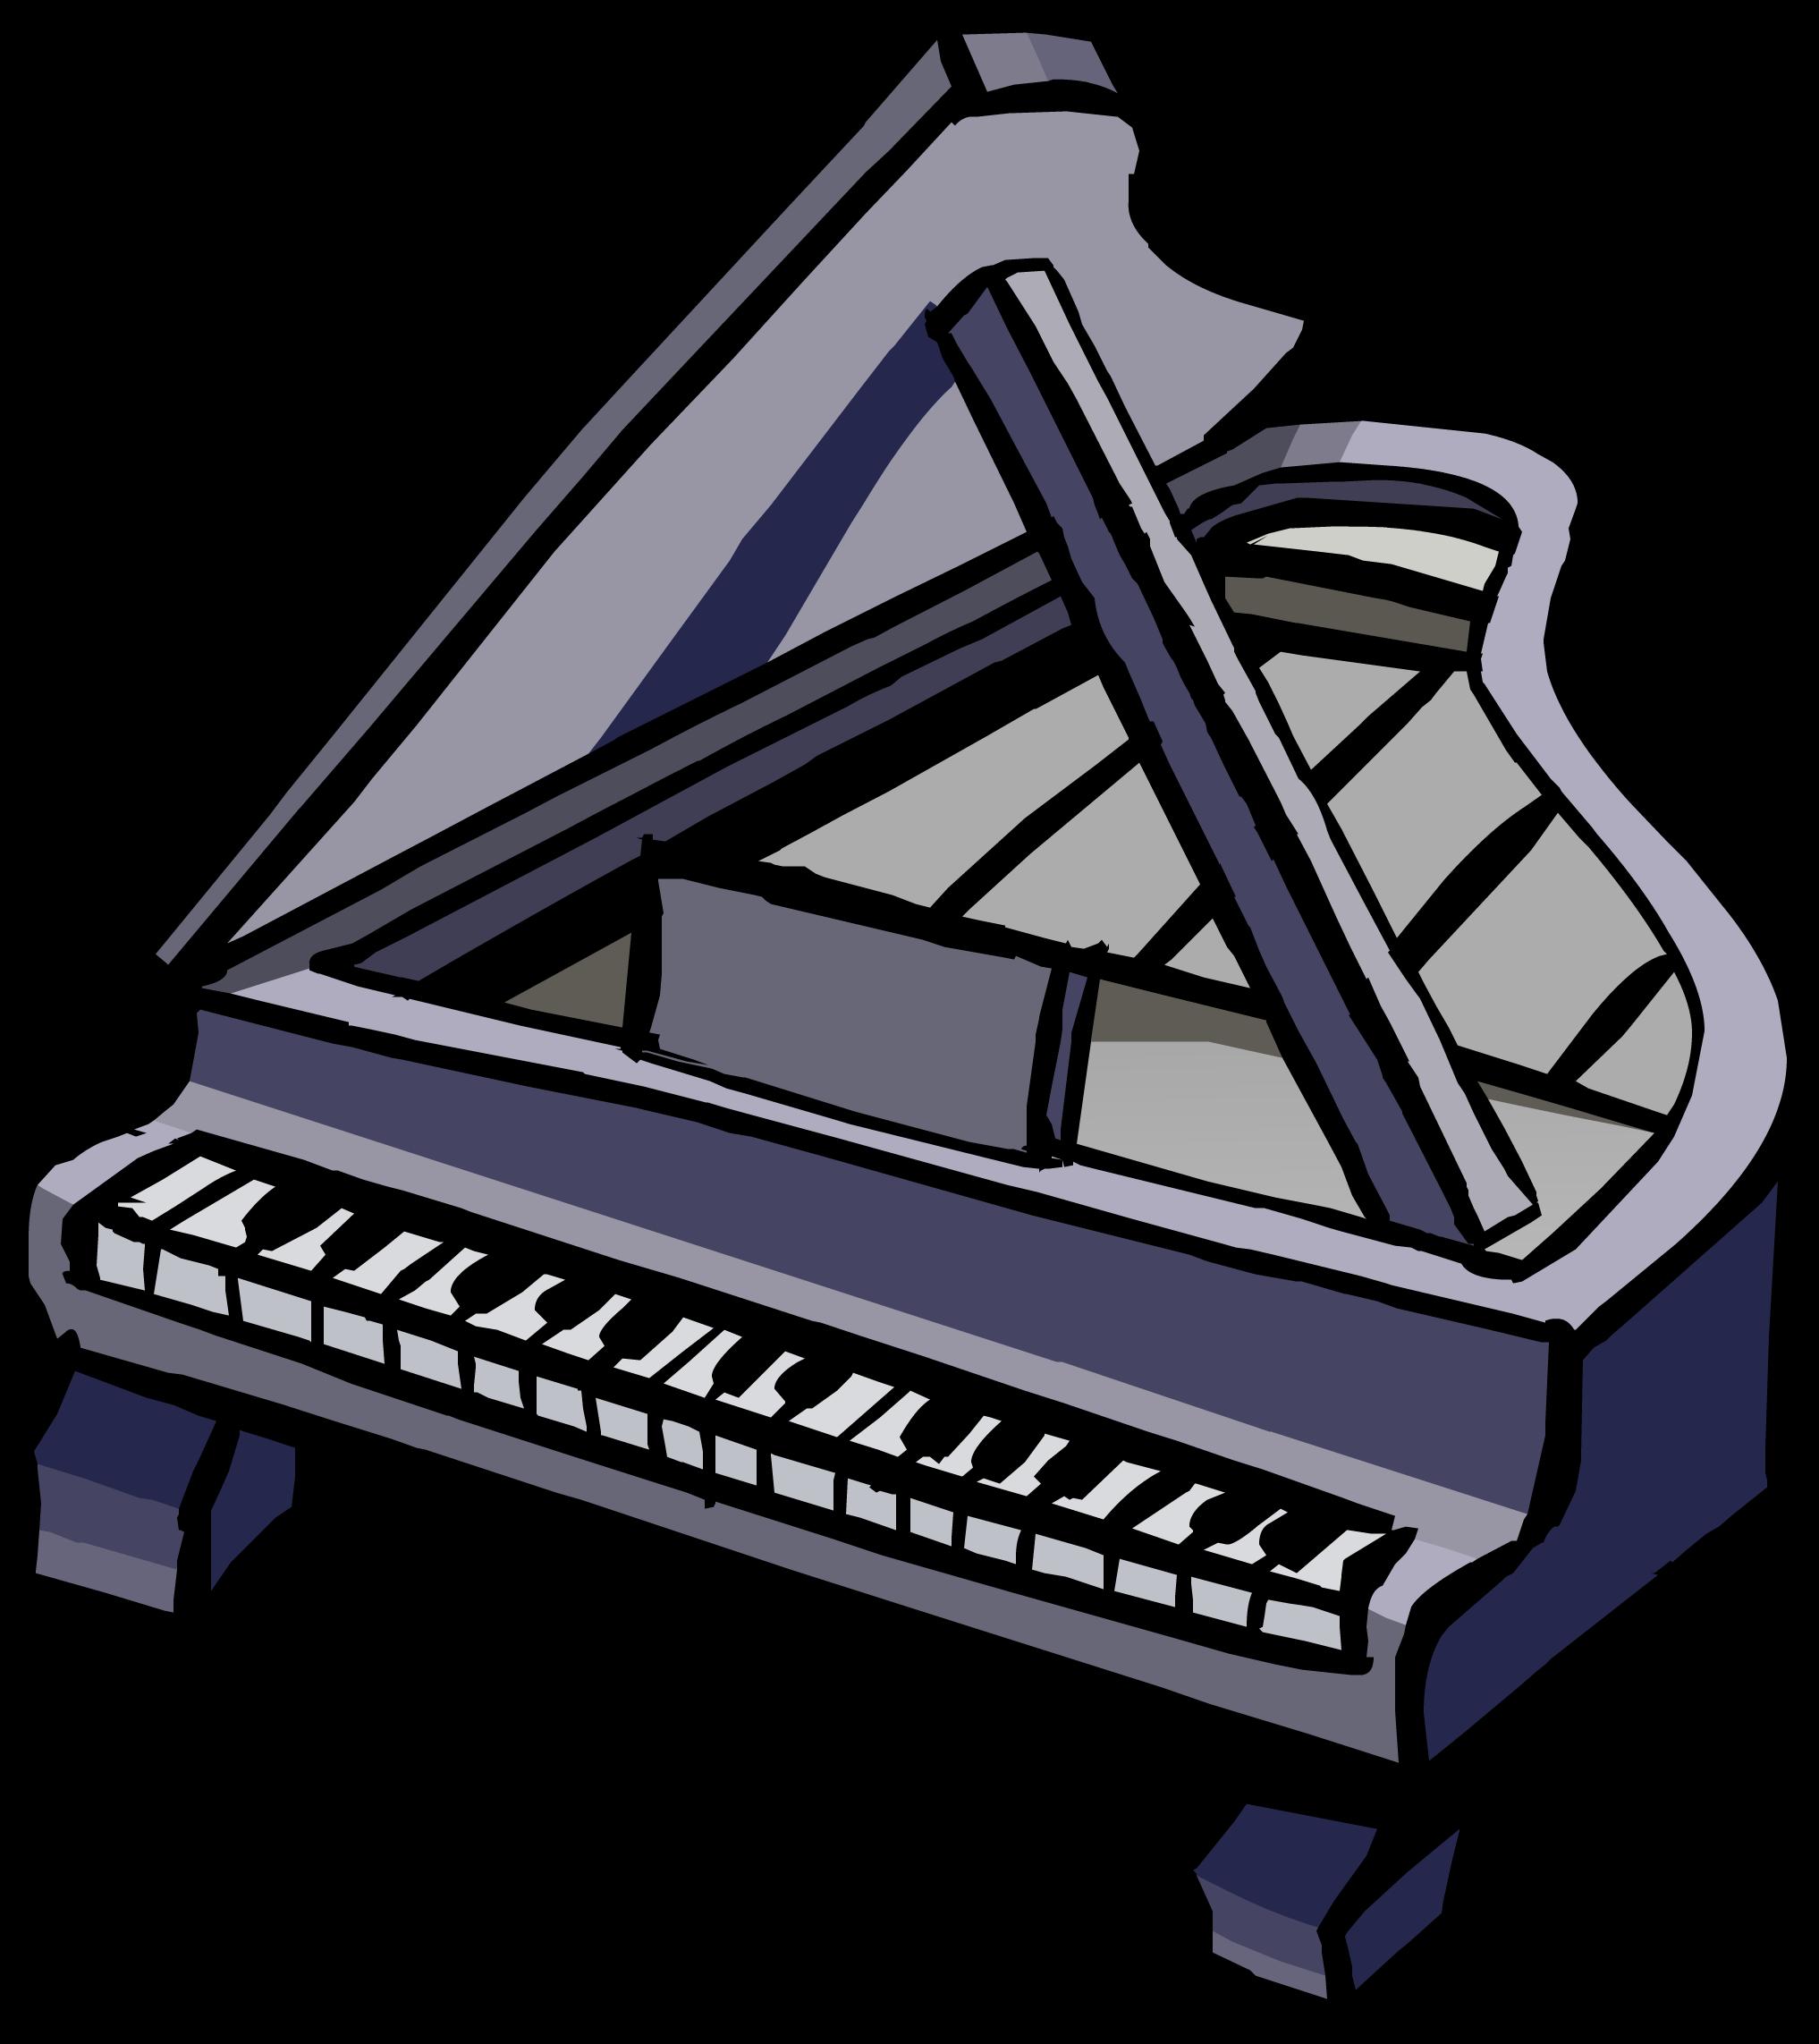 Baby club penguin wiki. Clipart piano grand piano